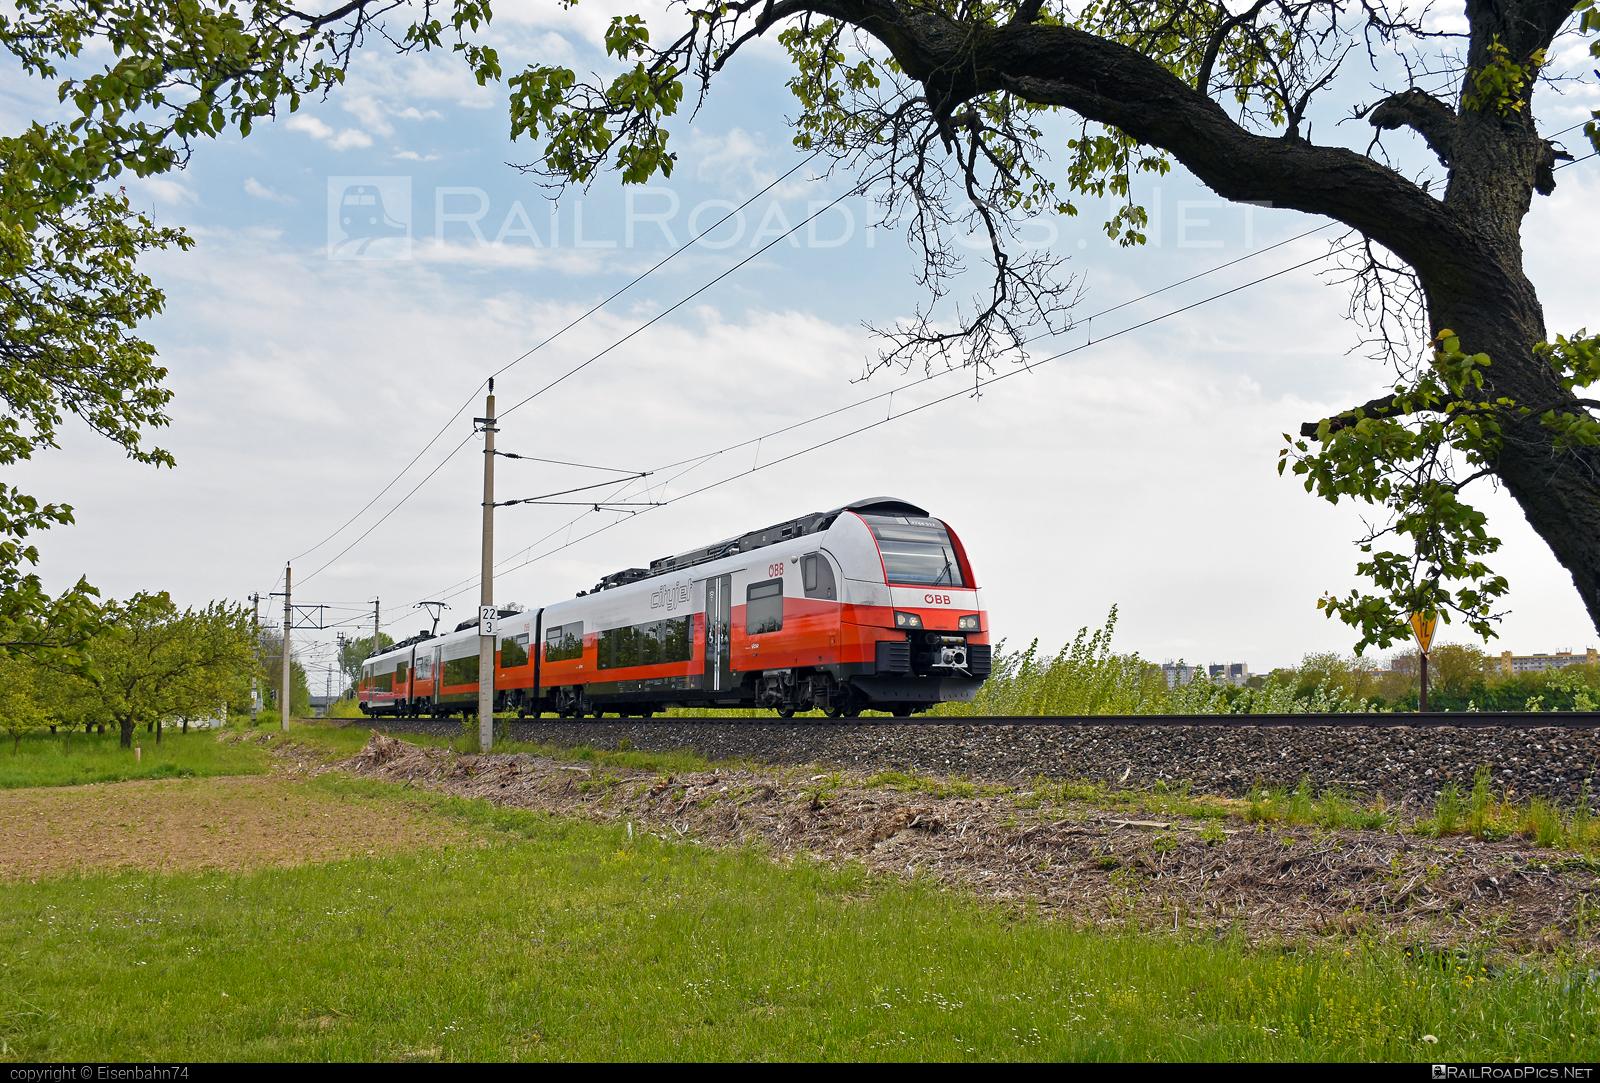 Siemens Desiro ML - 4744 517 operated by Österreichische Bundesbahnen #cityjet #desiro #desiroml #obb #obbcityjet #osterreichischebundesbahnen #siemens #siemensdesiro #siemensdesiroml